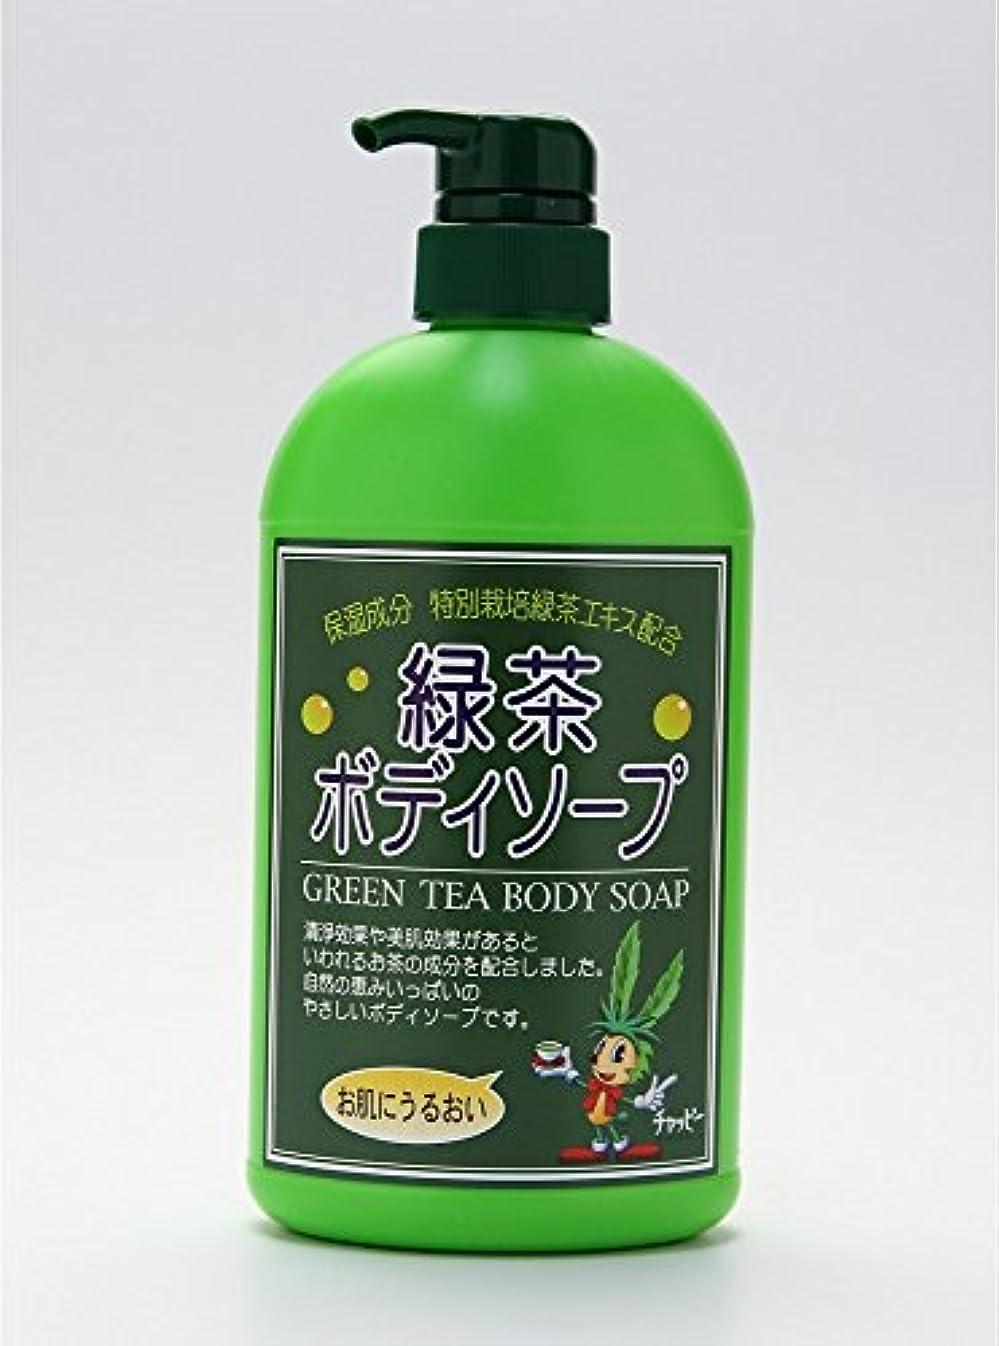 悲鳴愛人器具緑茶ボディーソープ 550ml